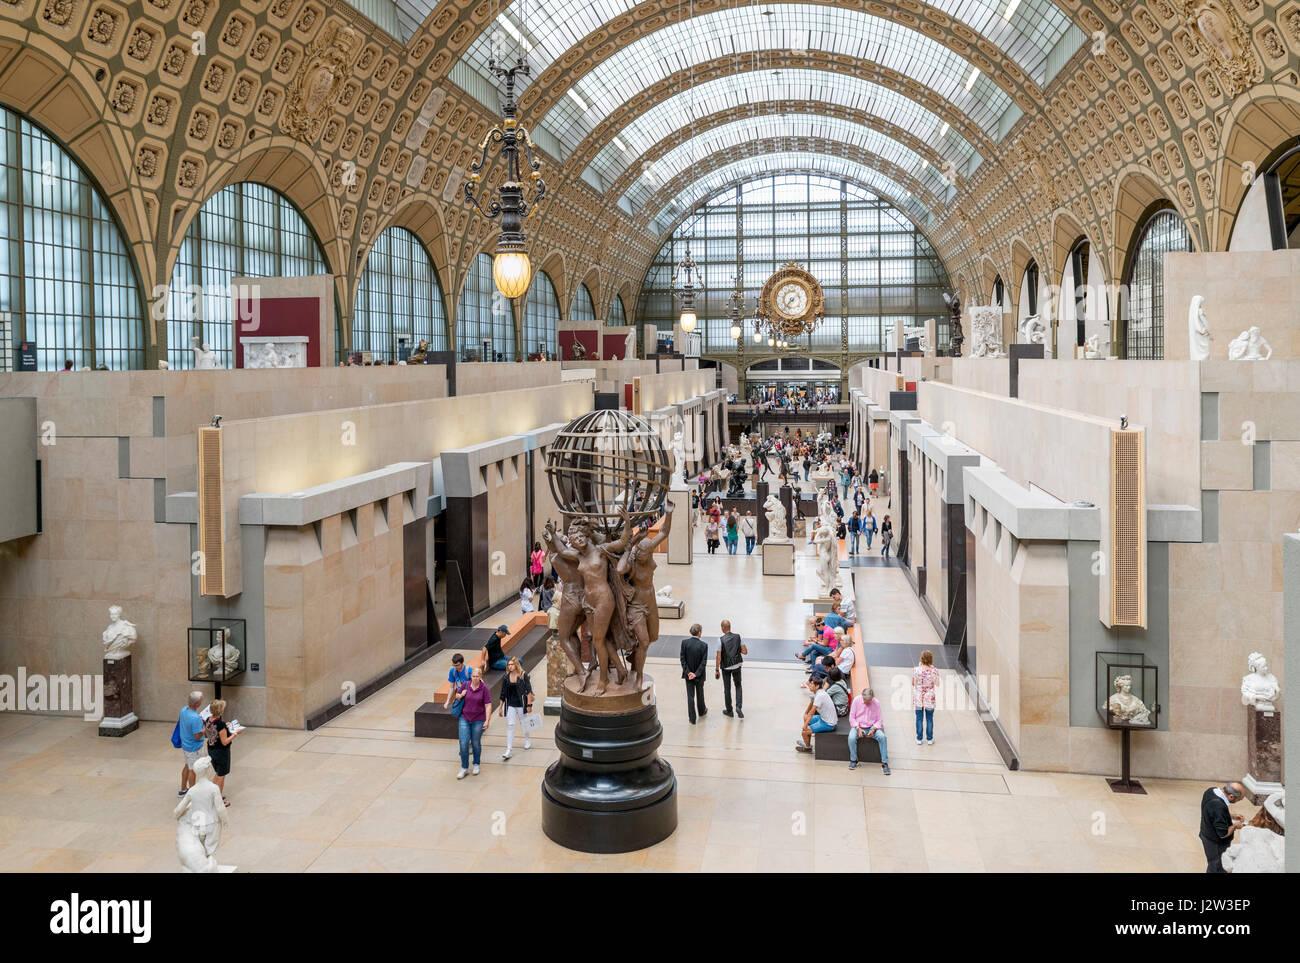 Musée d'Orsay, Paris, France - Stock Image